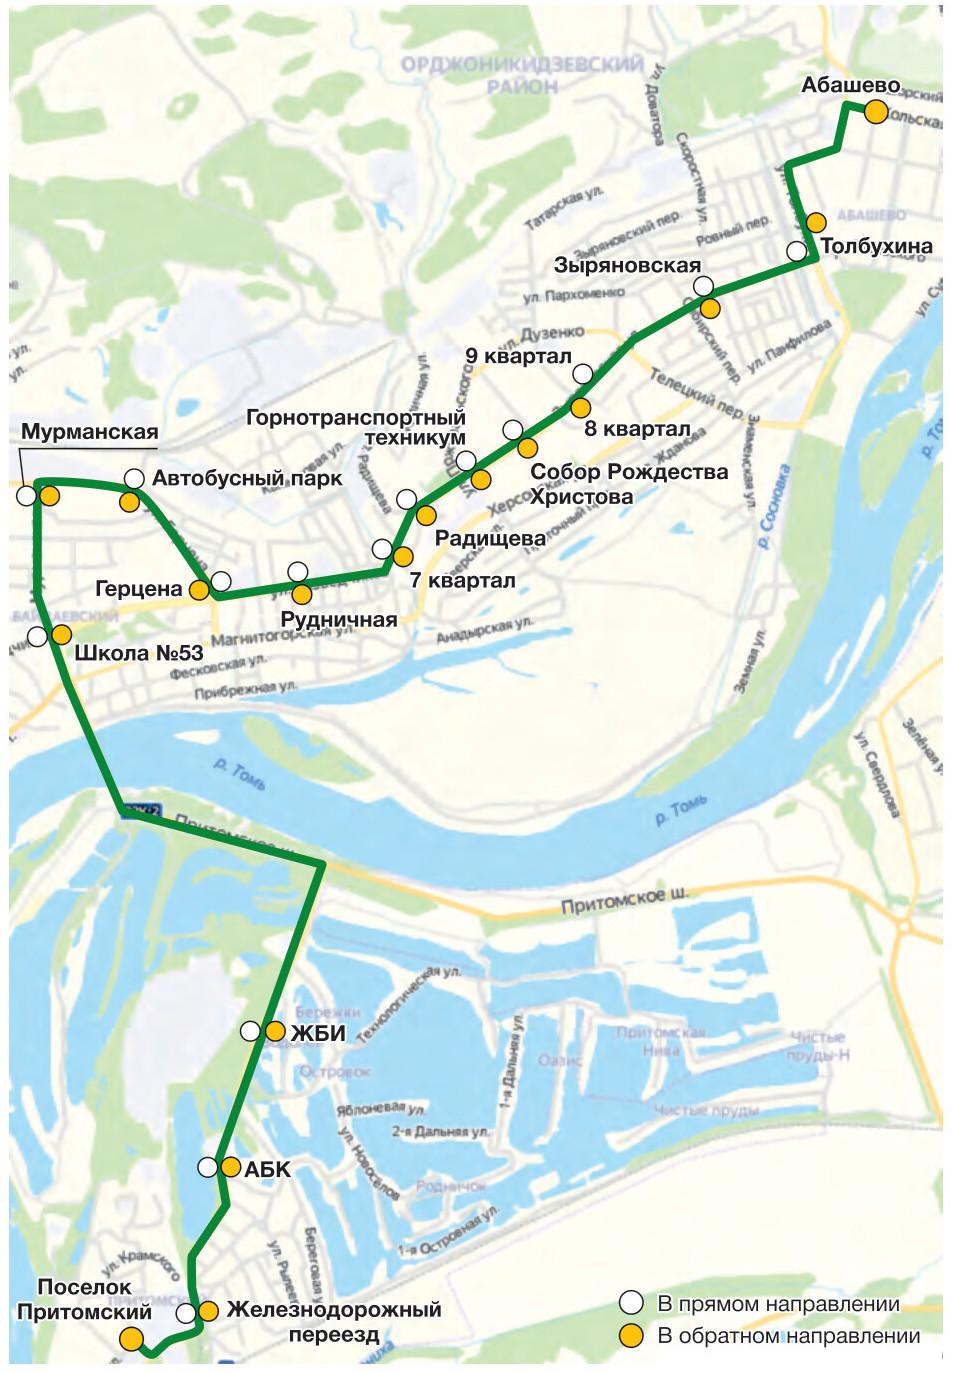 Автобус №4 АБАШЕВО - ПОС. ПРИТОМСКИЙ | Карта маршрута